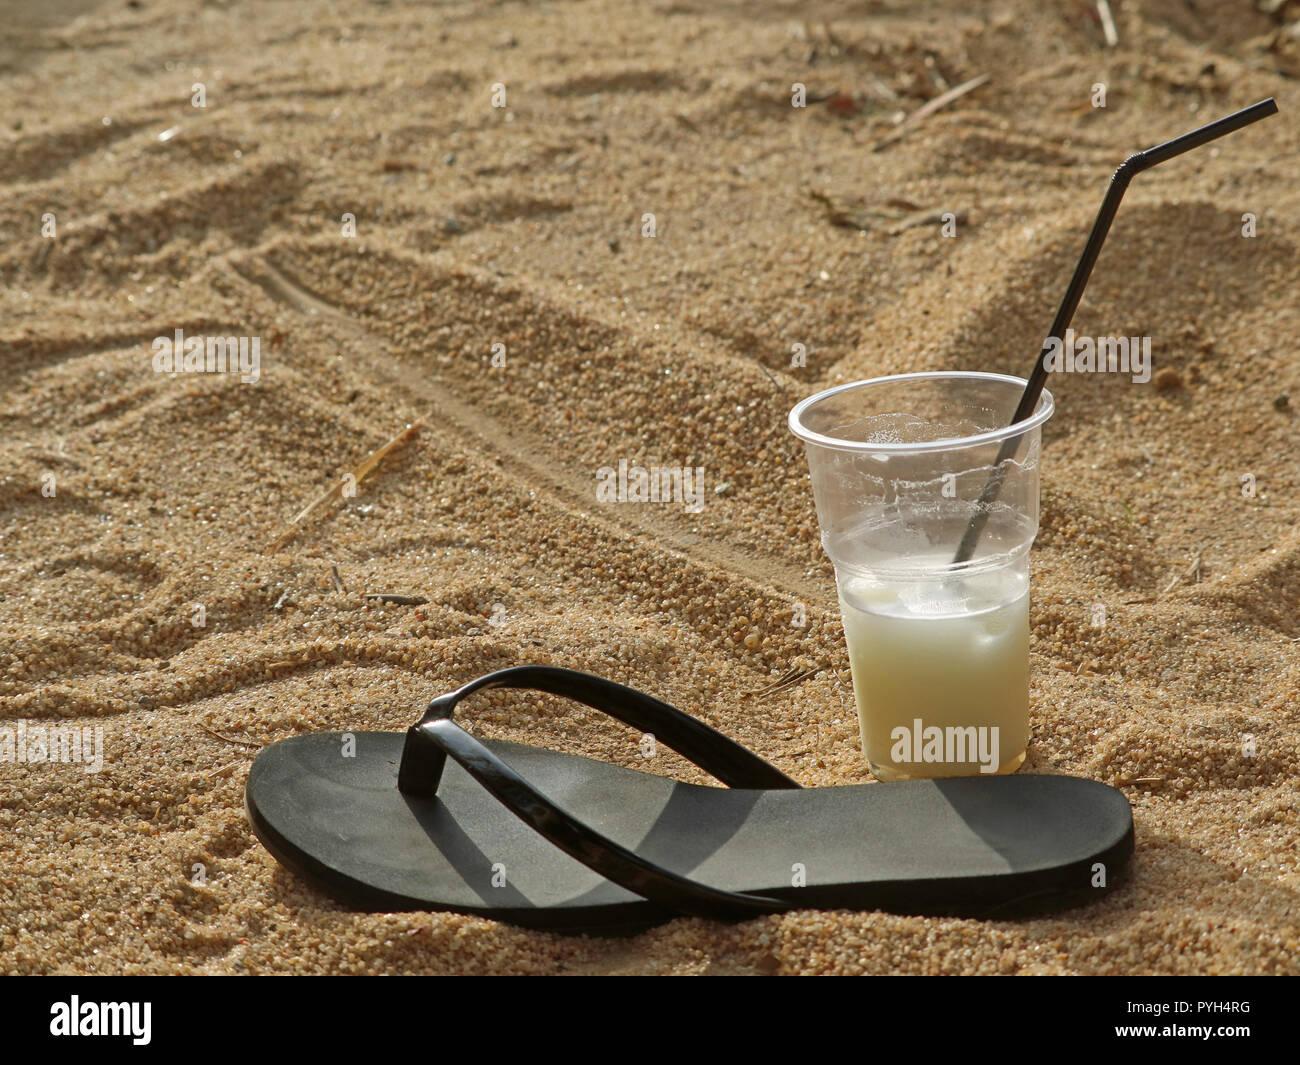 e1c8c0c480330 Playa negra única zapatilla y cóctel en un vaso de plástico con paja para  beber en